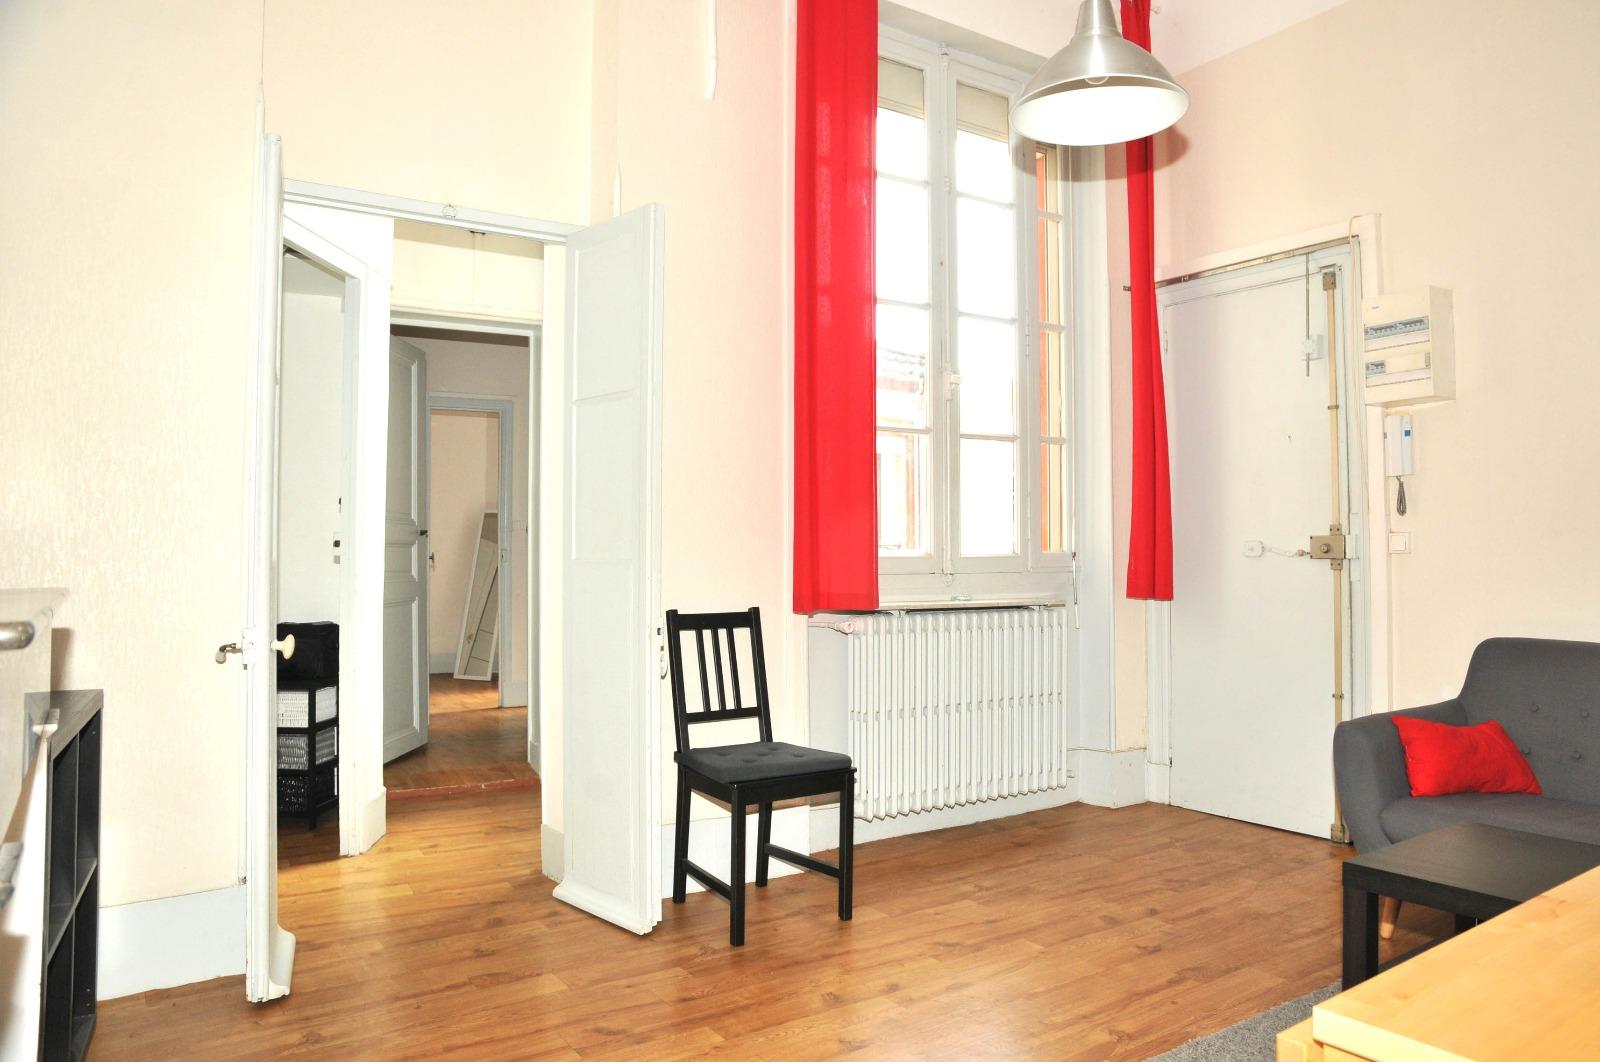 wilson jean jaures t3 meubl sur cour de 57m cogimmo toulouse. Black Bedroom Furniture Sets. Home Design Ideas